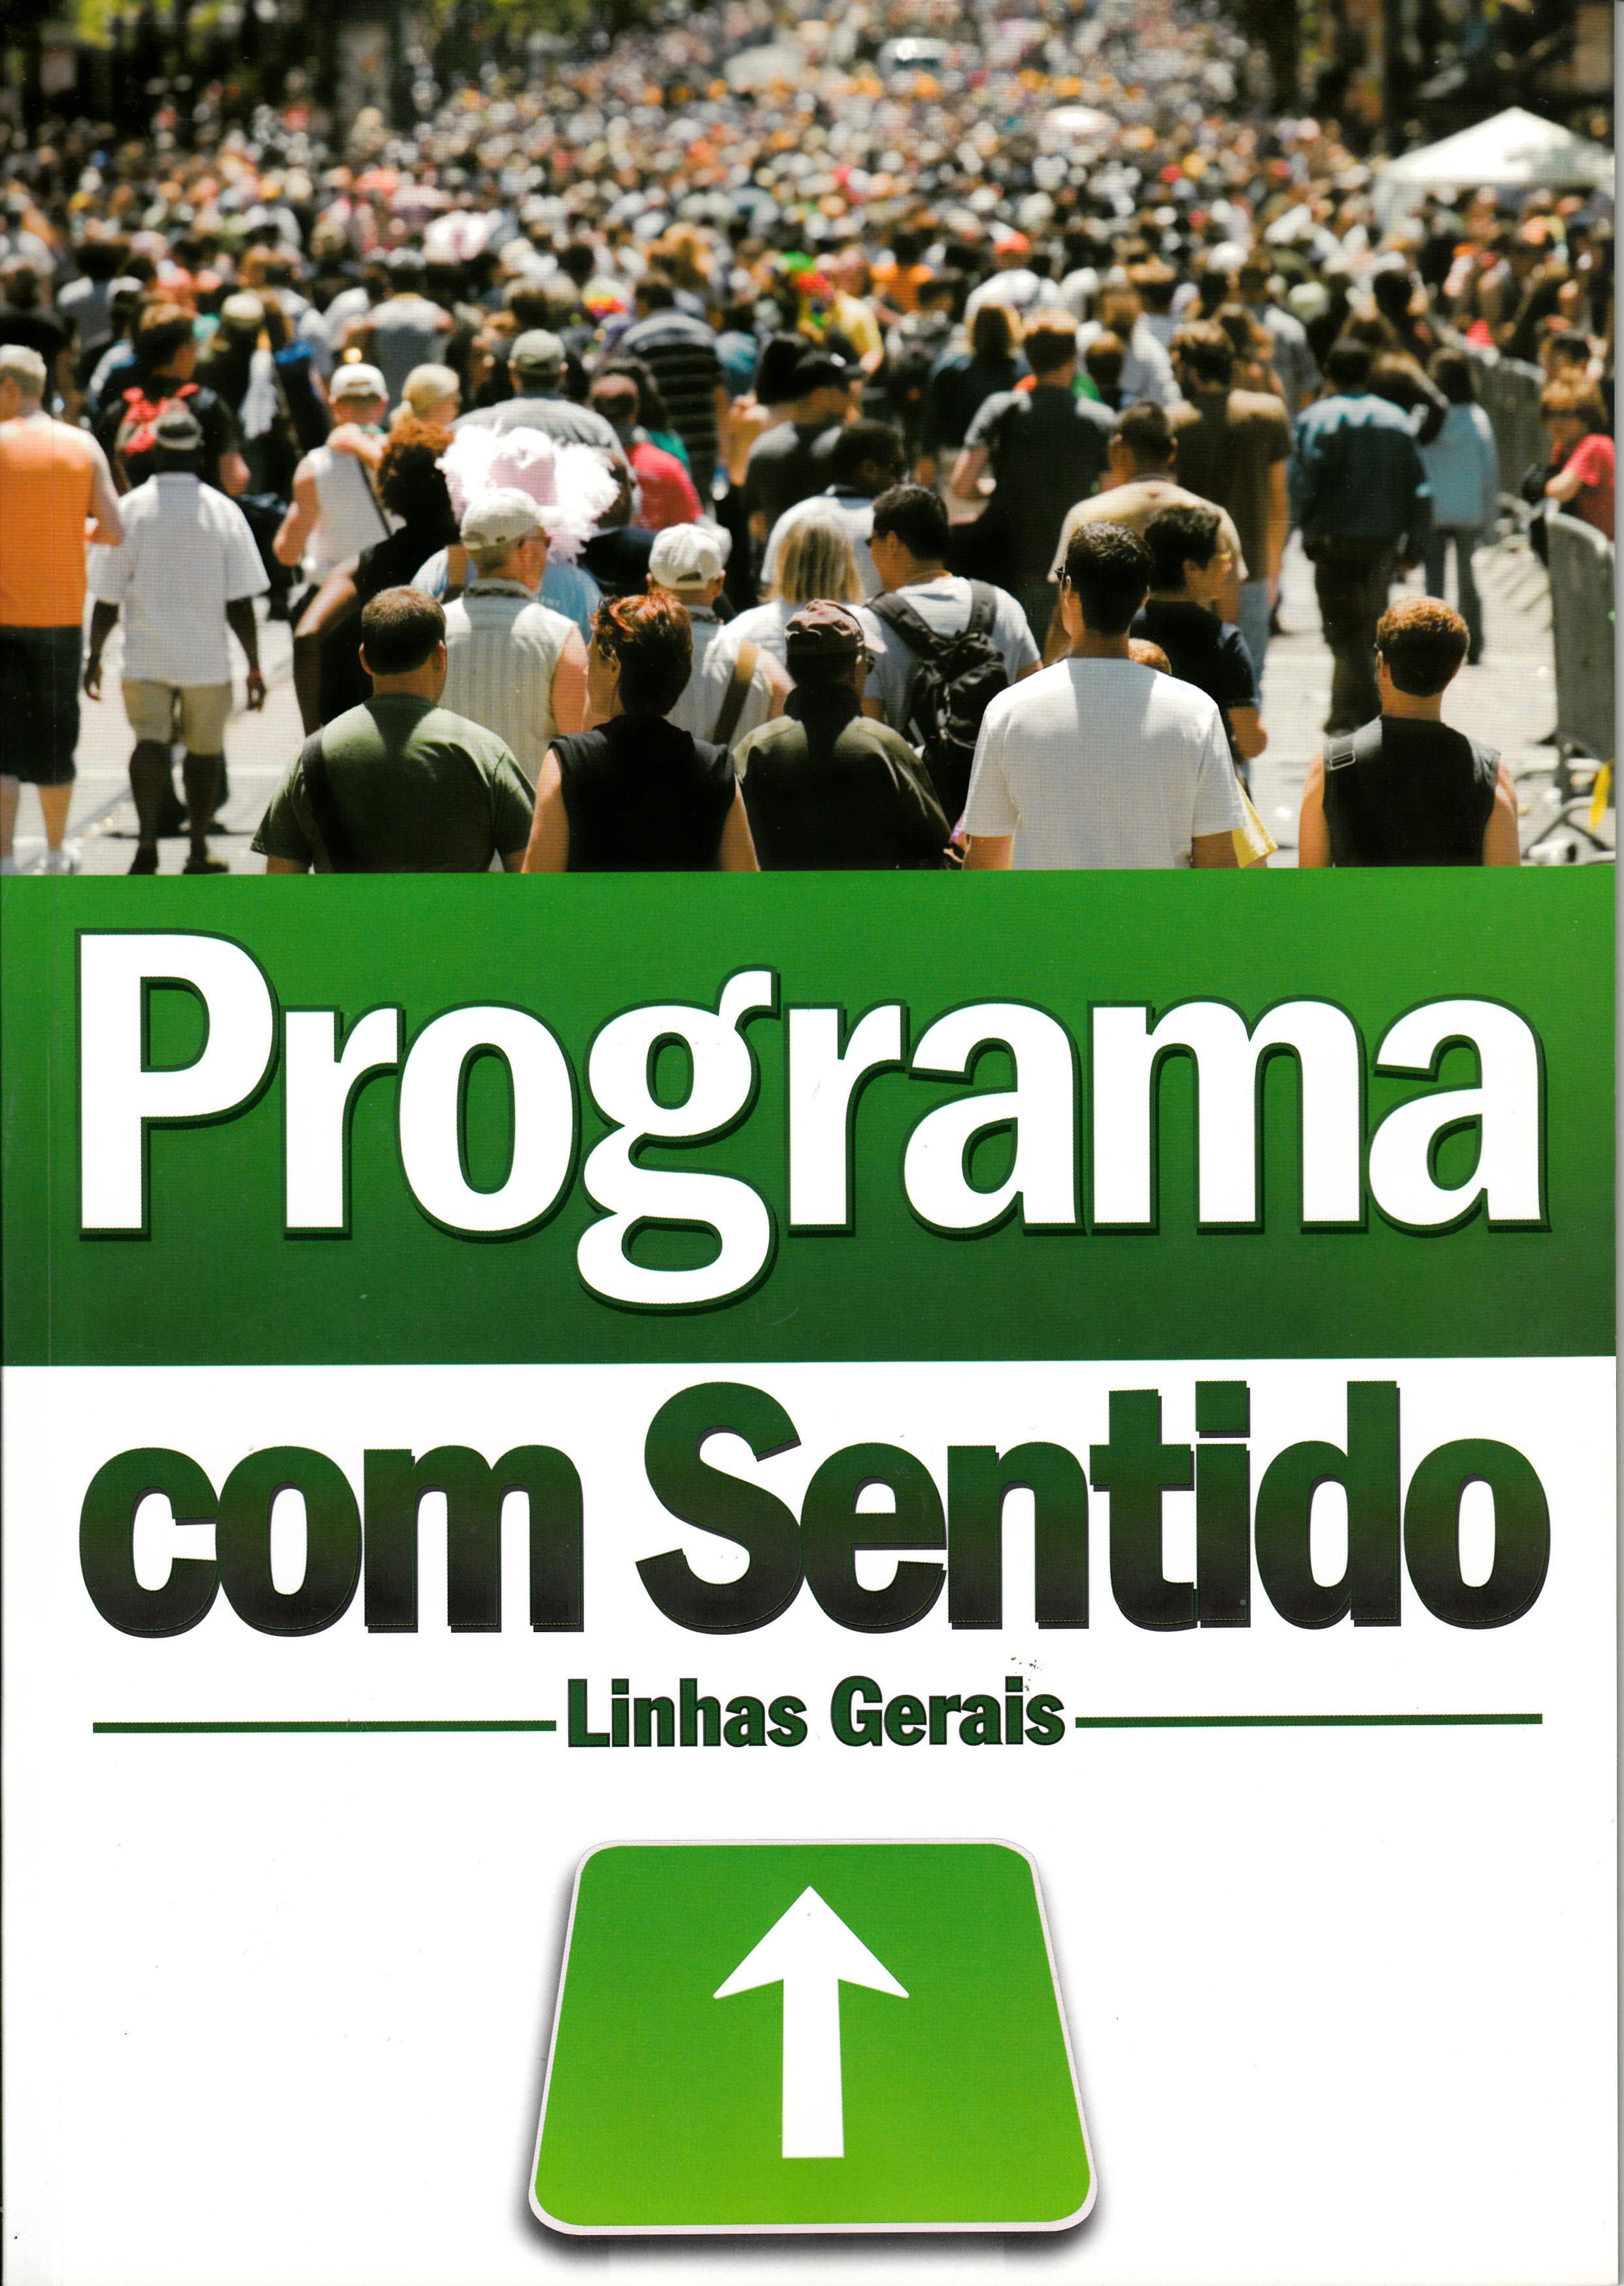 PSD_CDS_2009_Lisboa